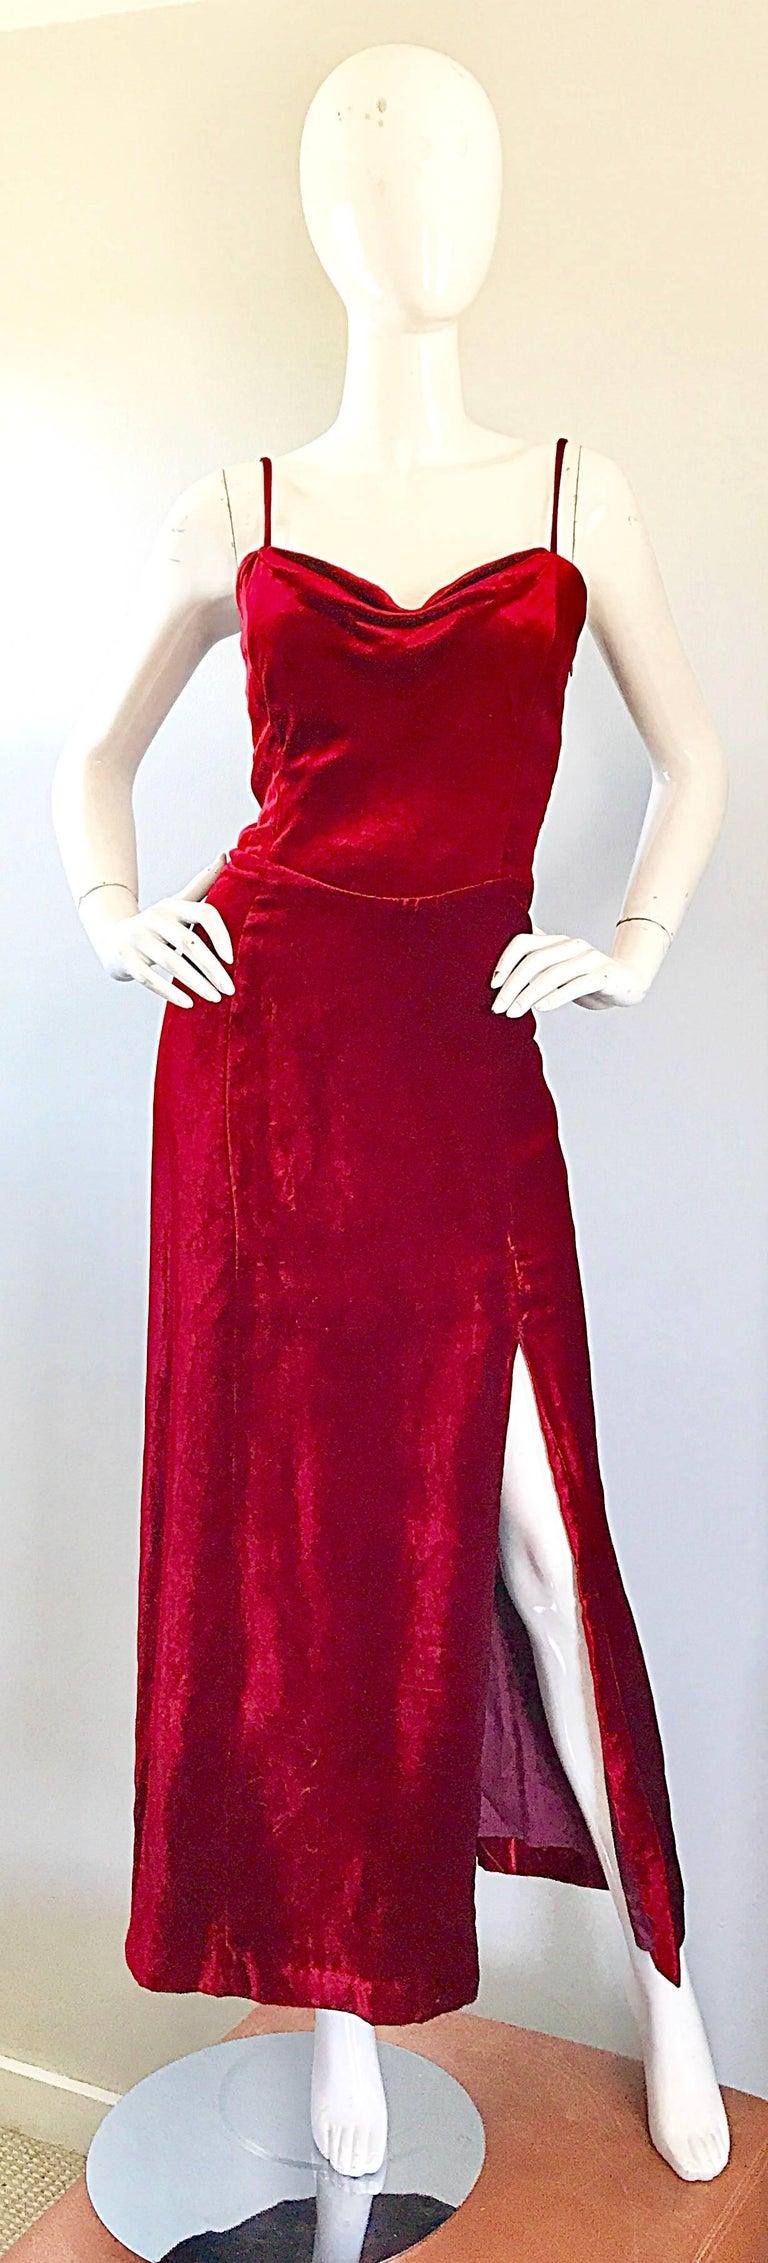 1990s Giorgio Armani Collezioni Crimson Red Silk Velvet Size 8 Vintage 90s Gown 9